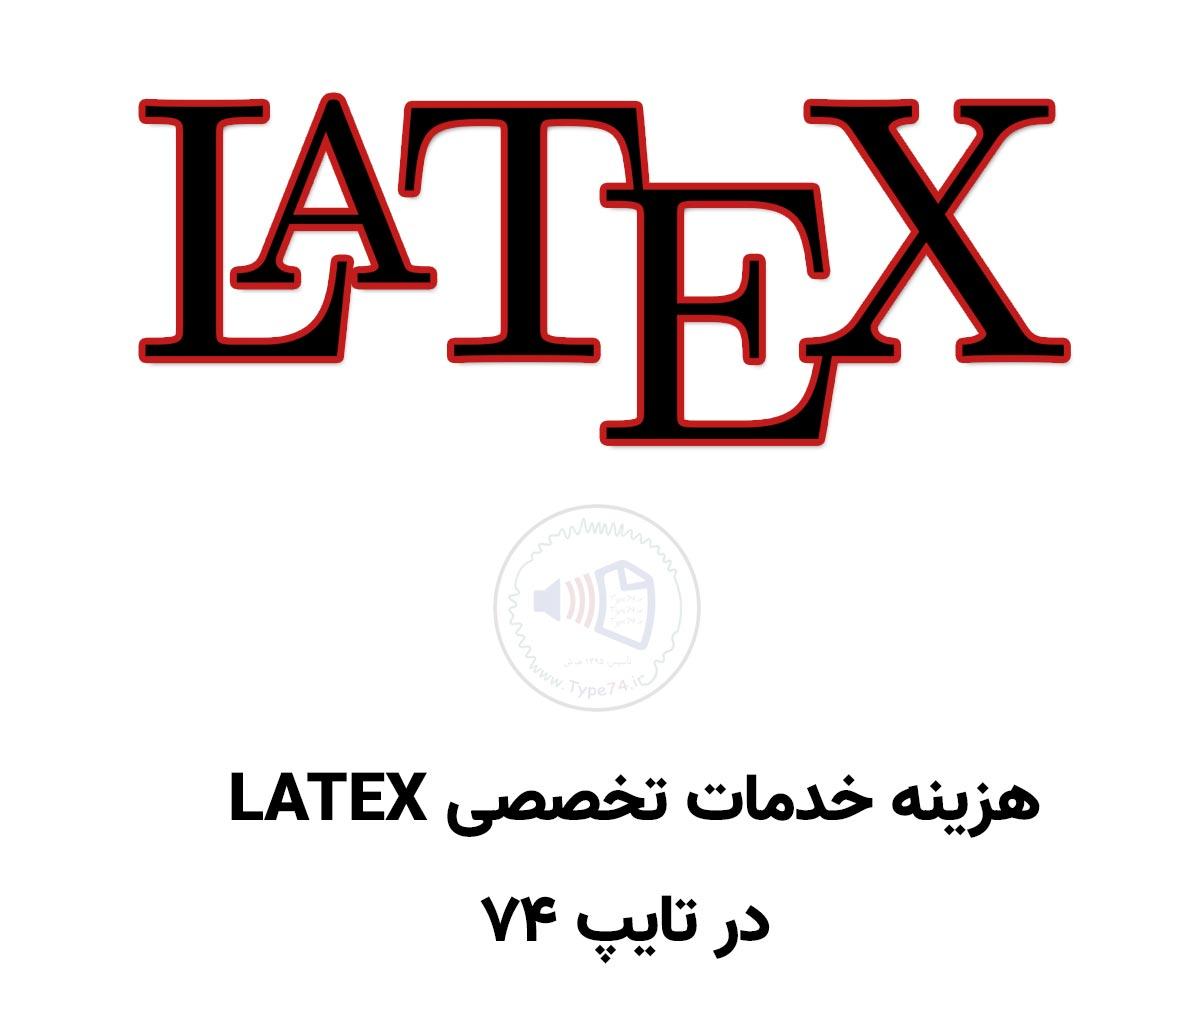 هزینه لاتکس